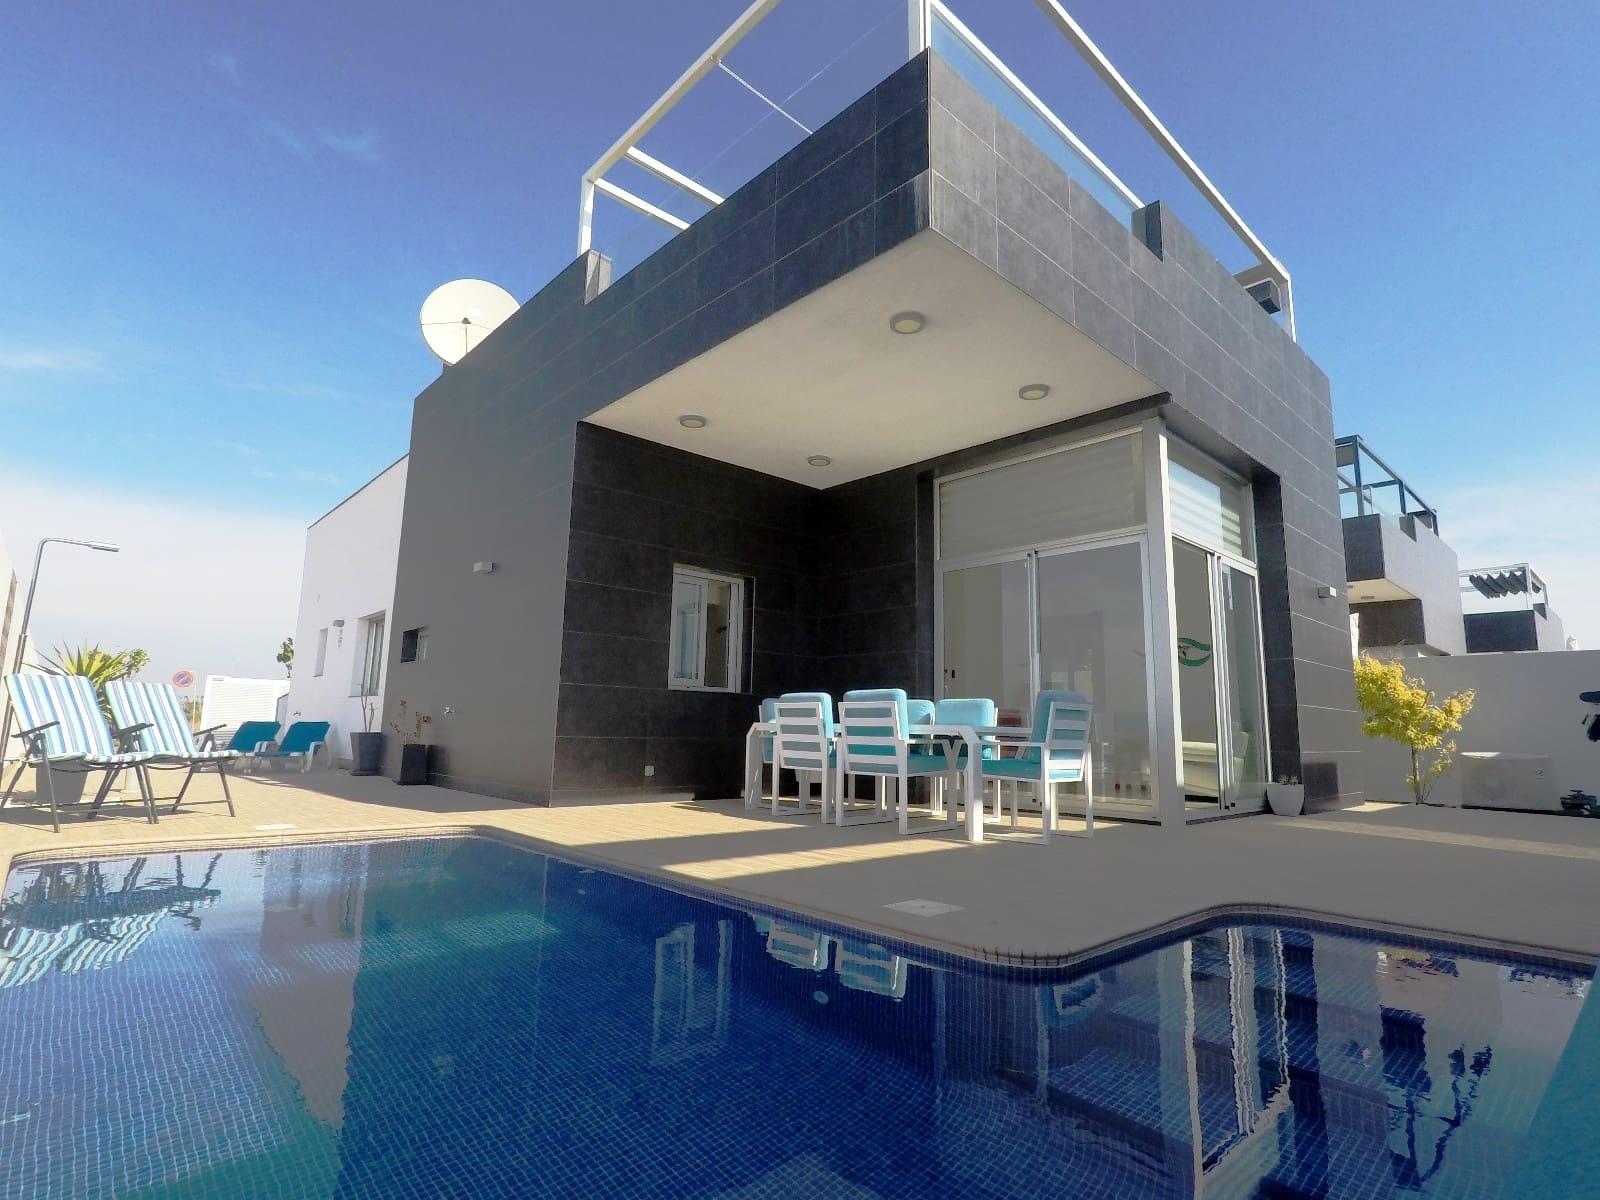 Chalet de 3 habitaciones en Pilar de la Horadada en venta con piscina - 320.000 € (Ref: 4926112)